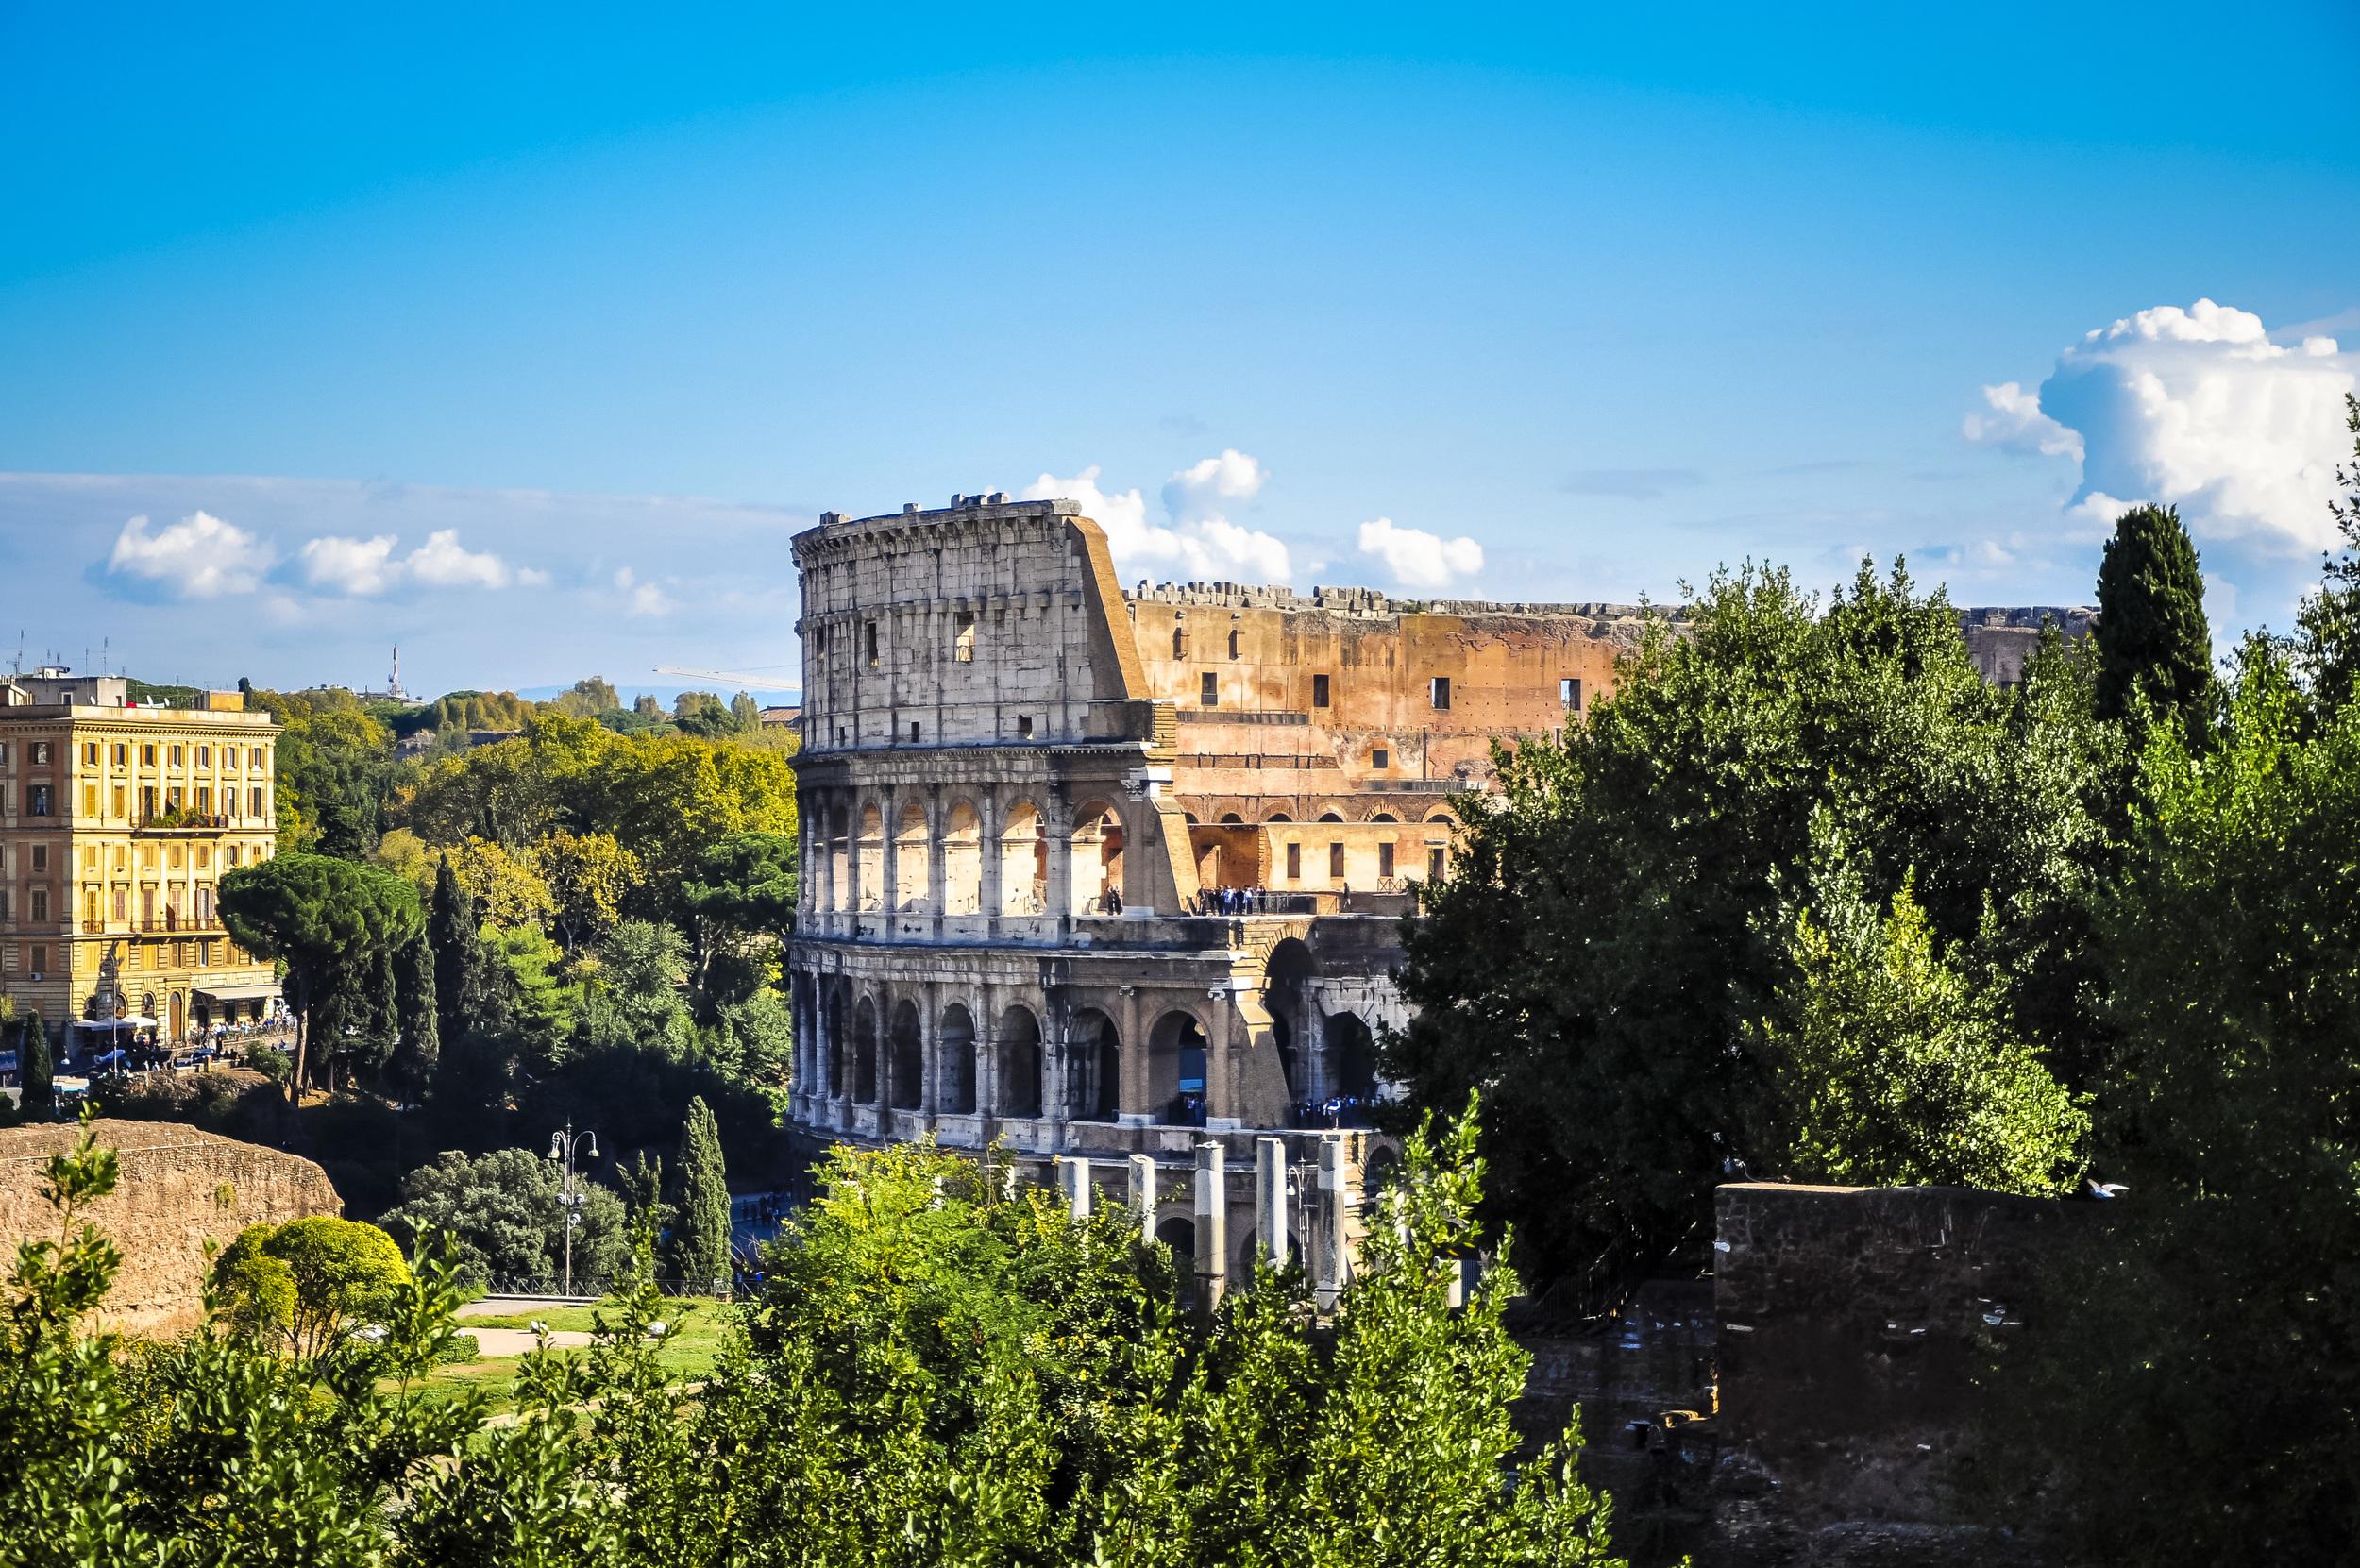 Colosseum - Amphitheatrum Flavium - Rome